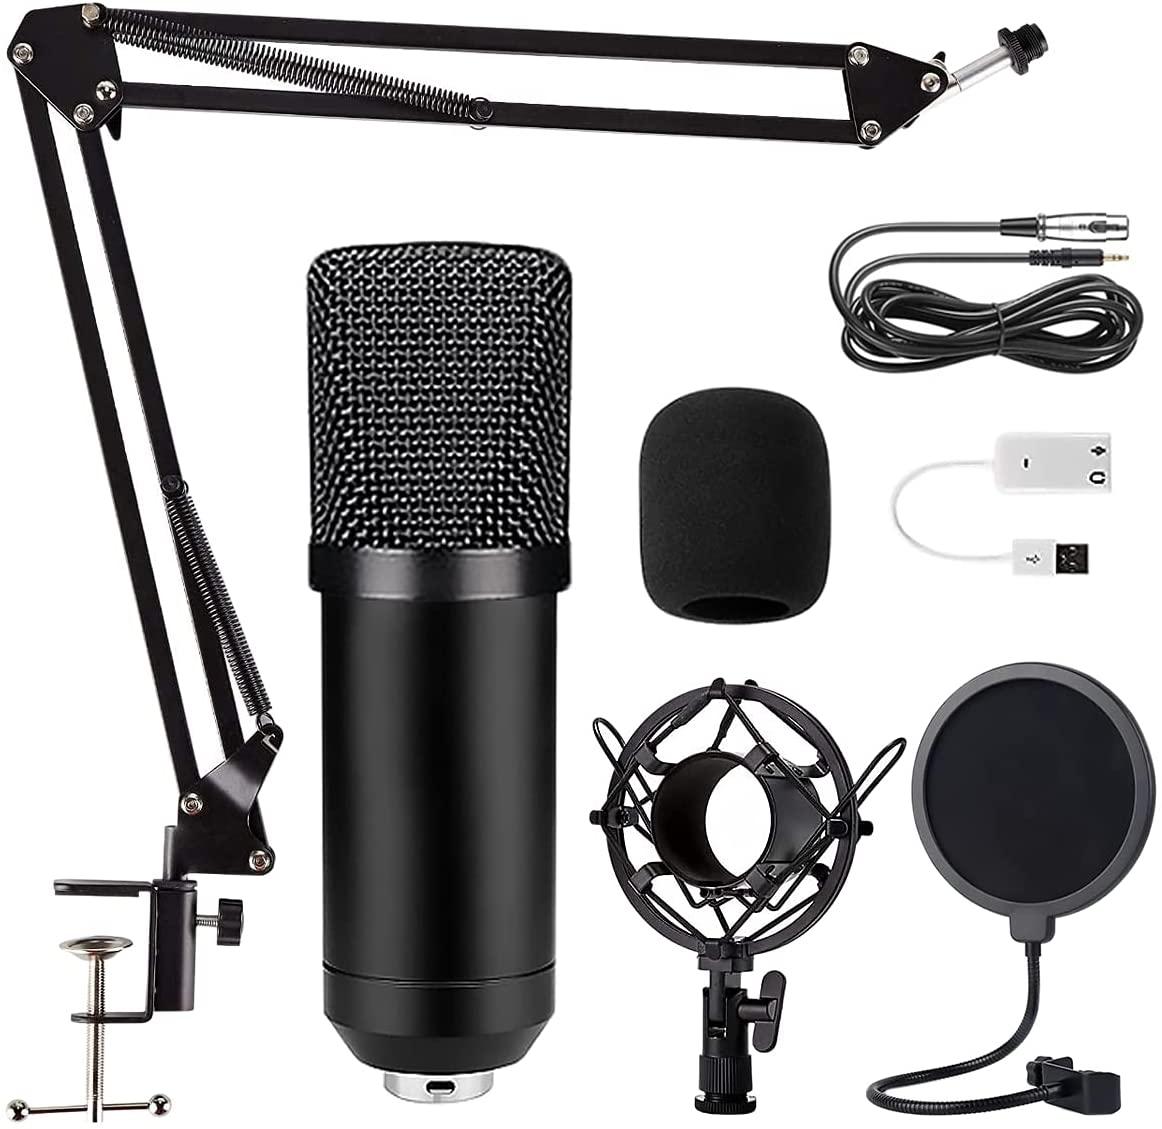 Kit Profesional de Micrófono de condensador